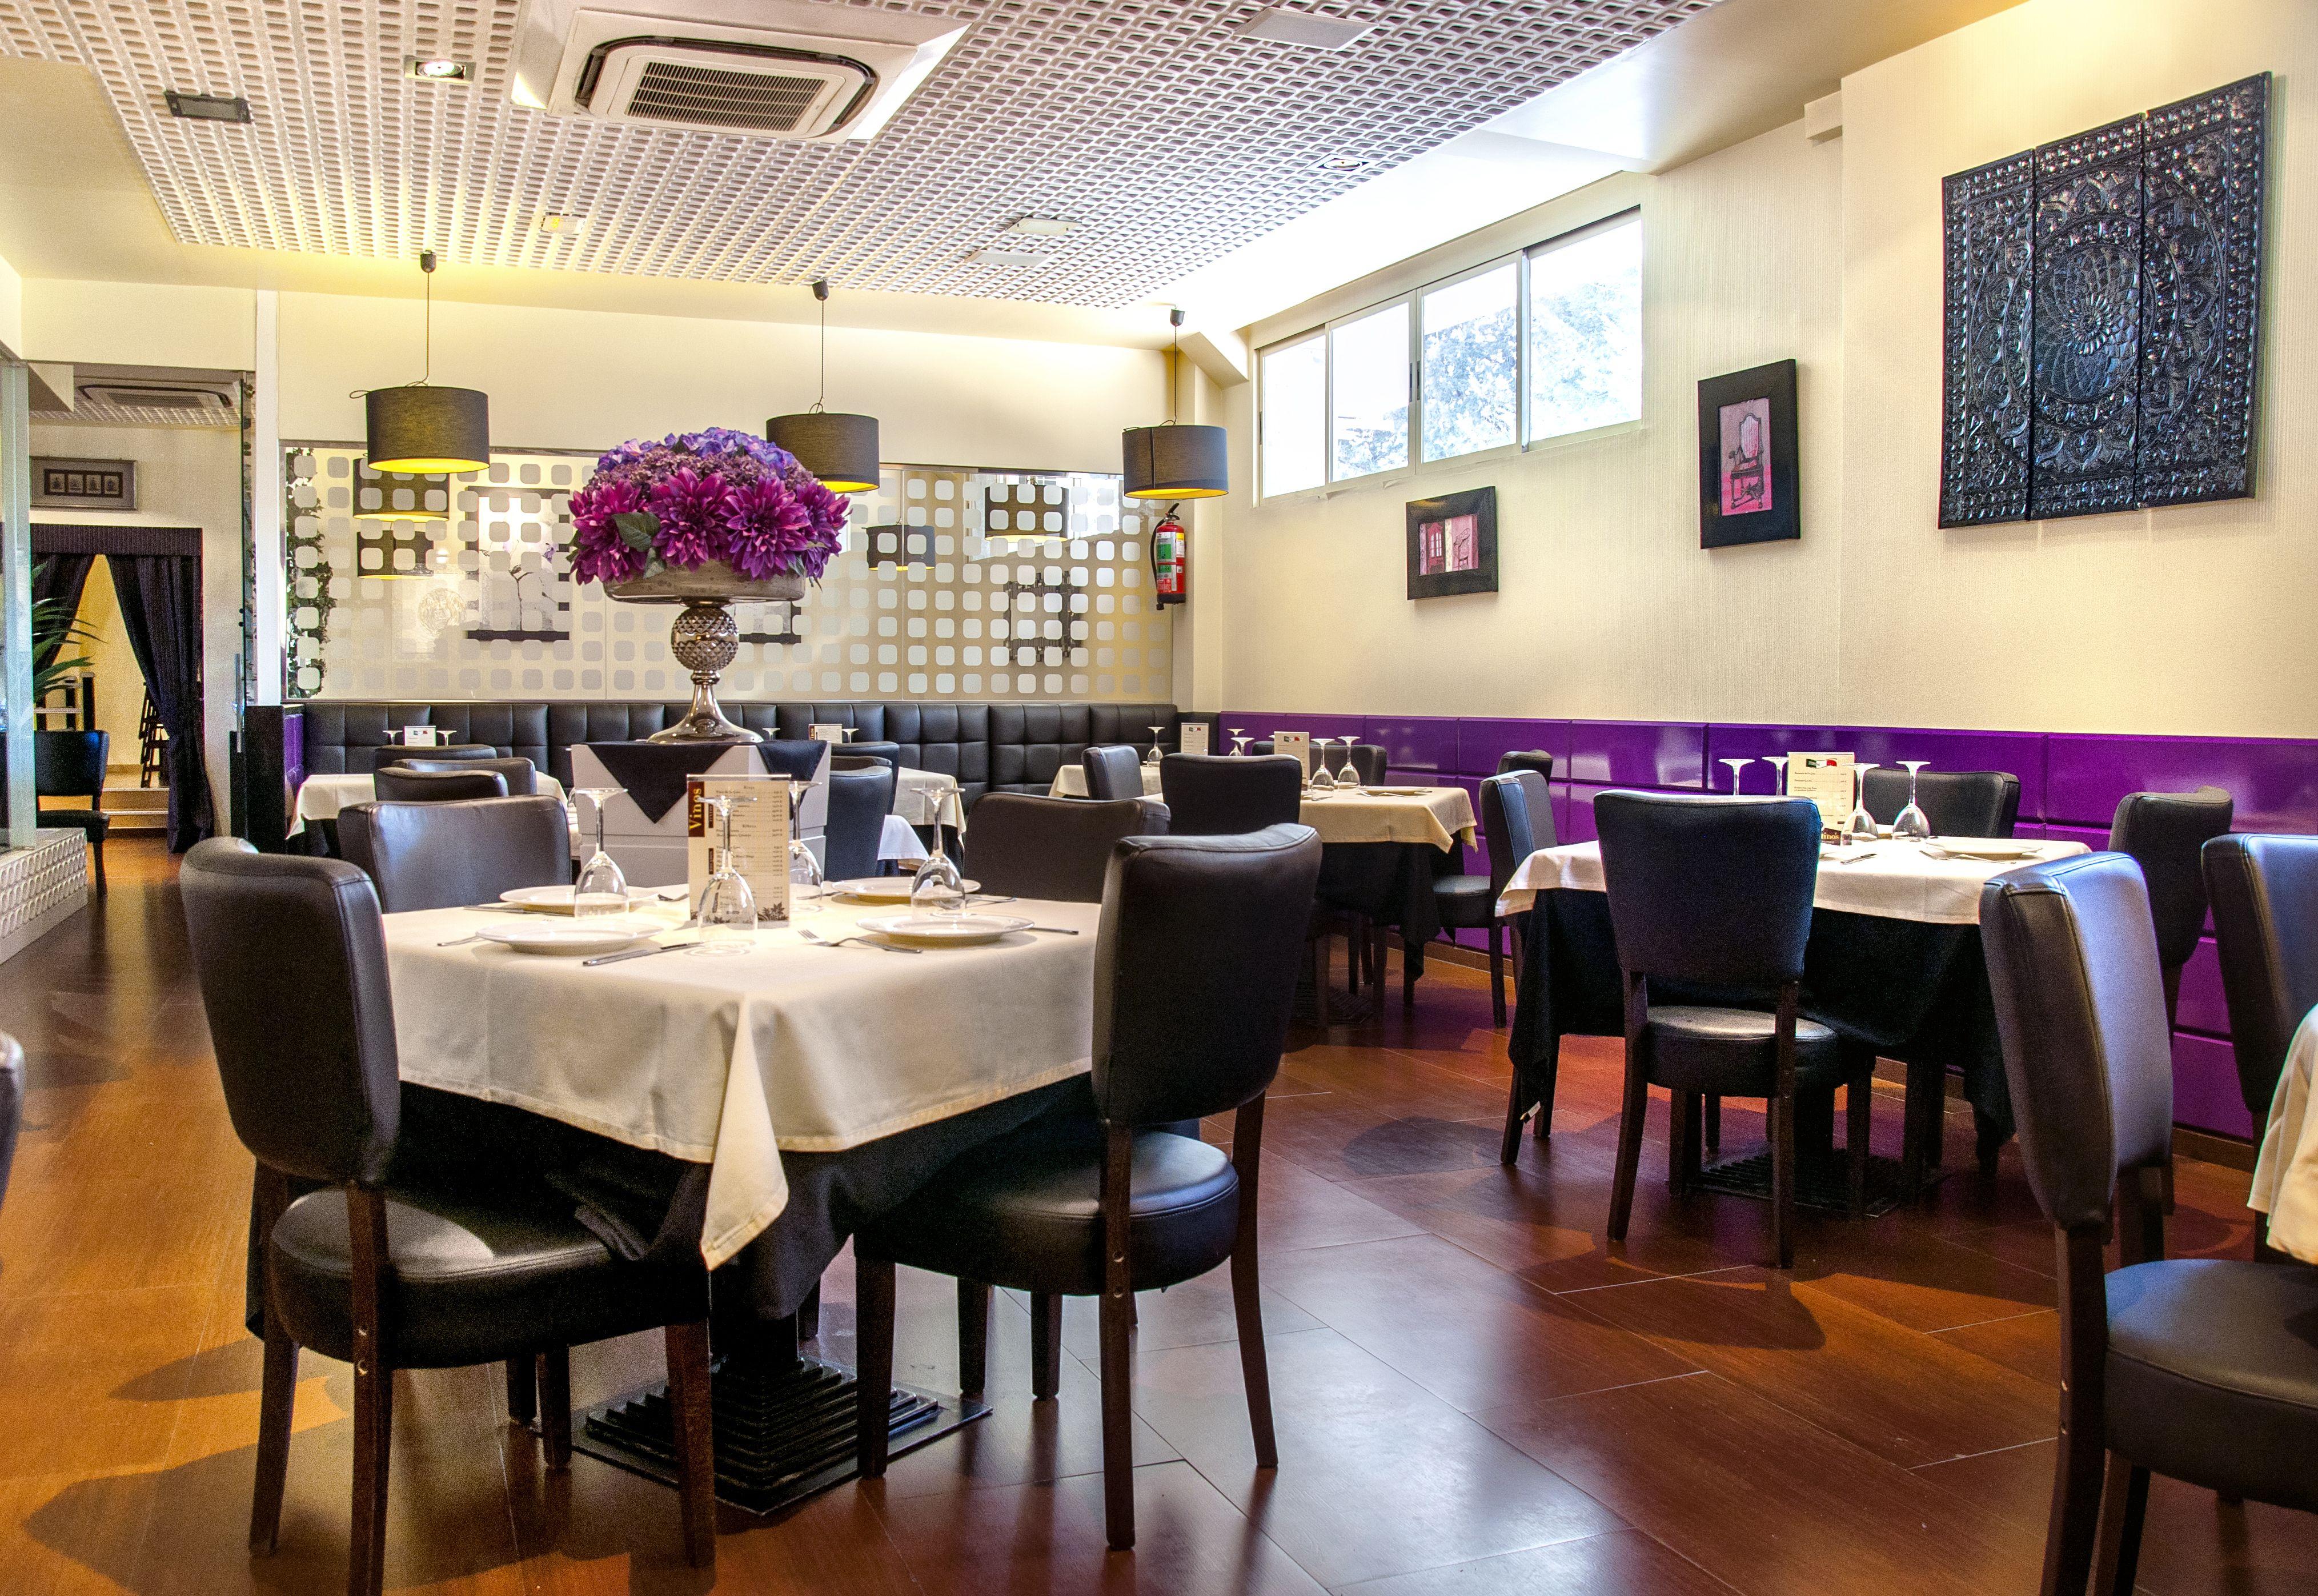 Foto 5 de Restaurante italiano en Collado Villalba | Restaurante Robertinos